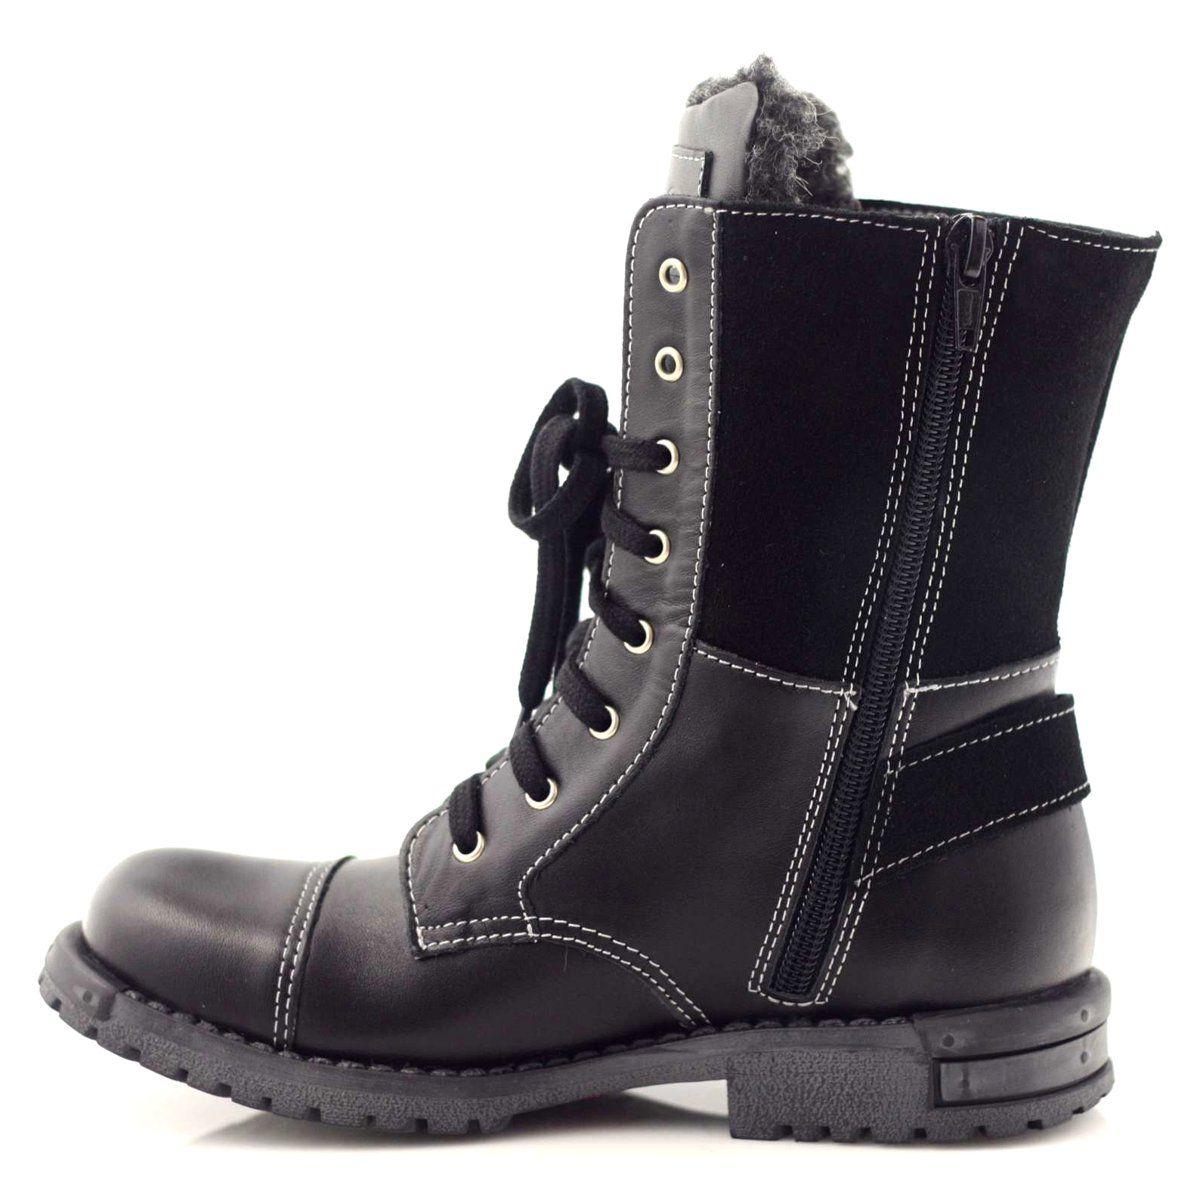 Kozaczki Chlopiece Zarro 931 Czarne Biale Combat Boots Army Boot Boots